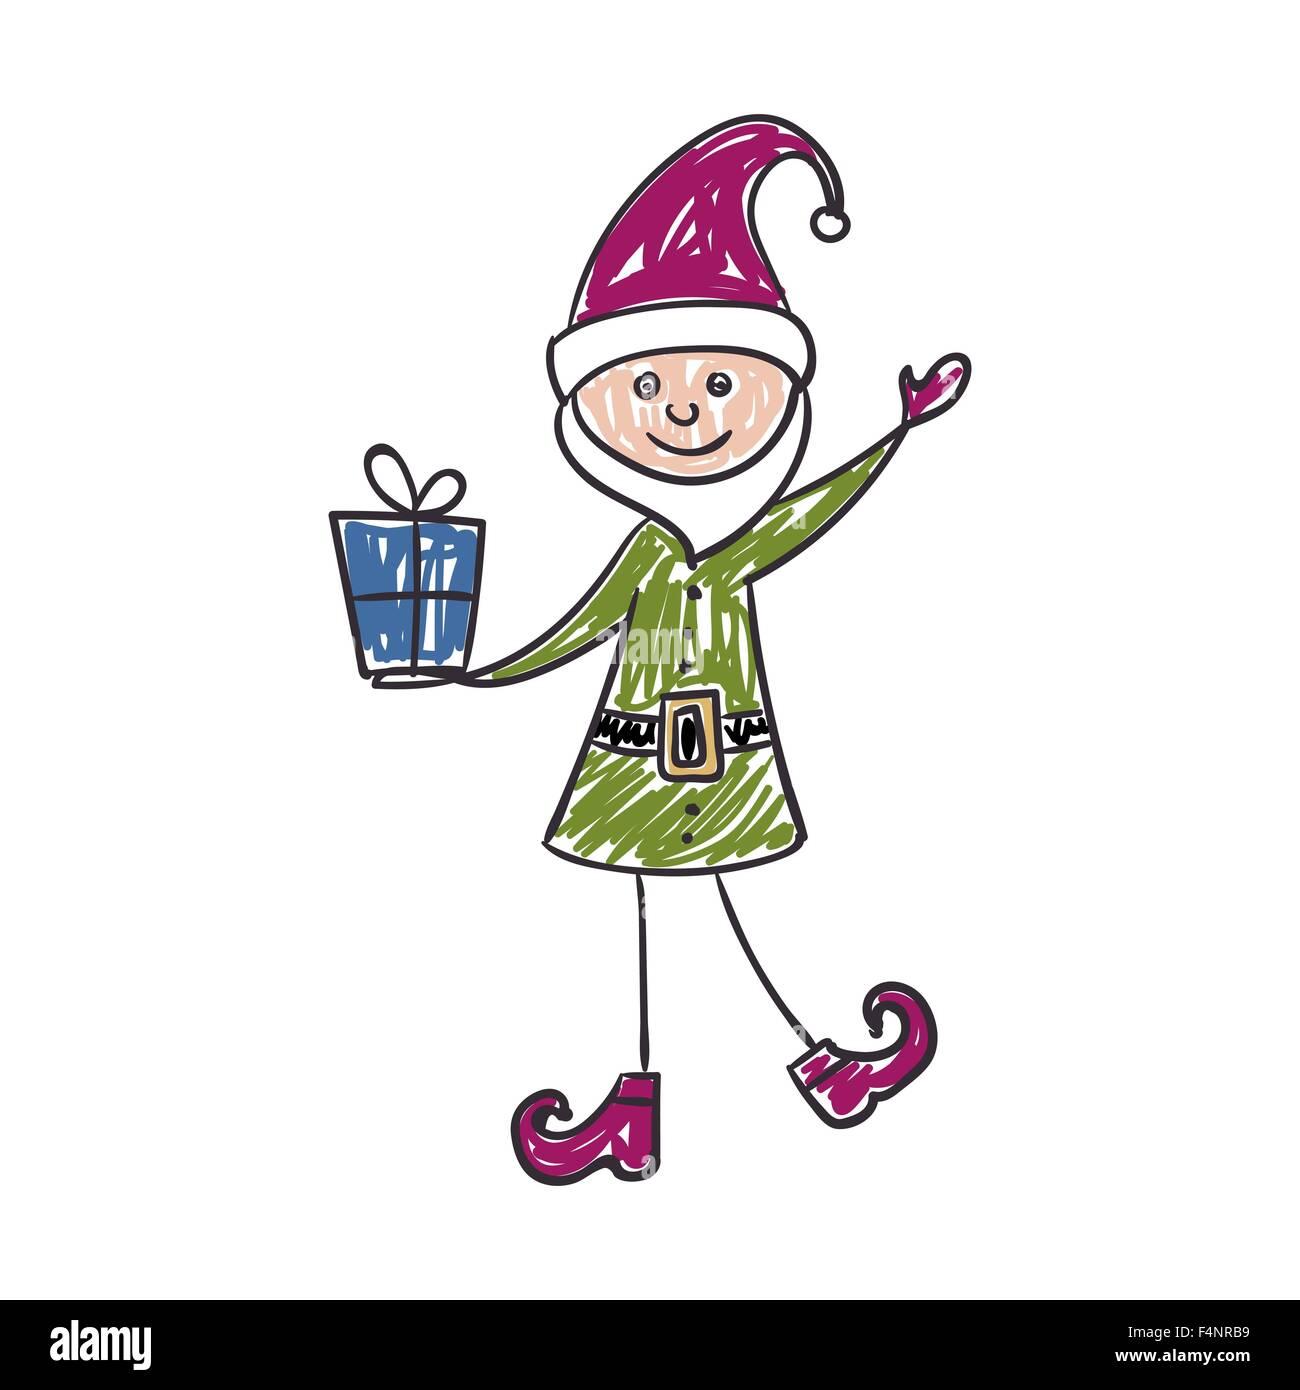 Dibujo Muneco De Nieve Infantil